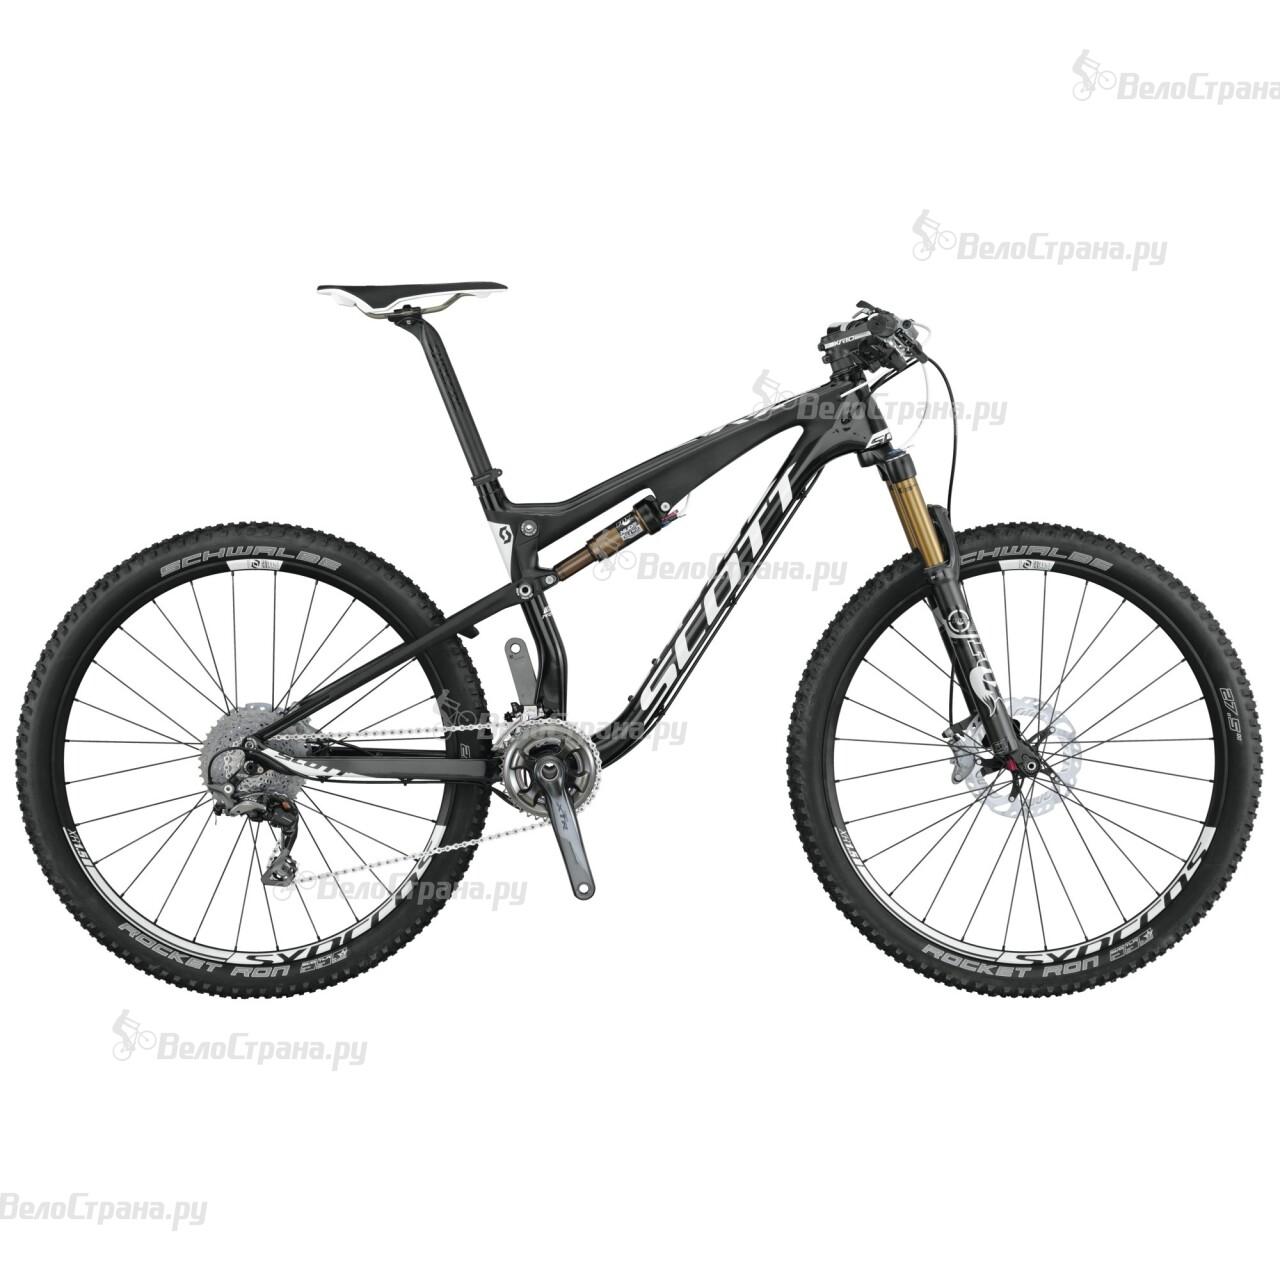 Велосипед Scott Spark 700 Premium (2015)